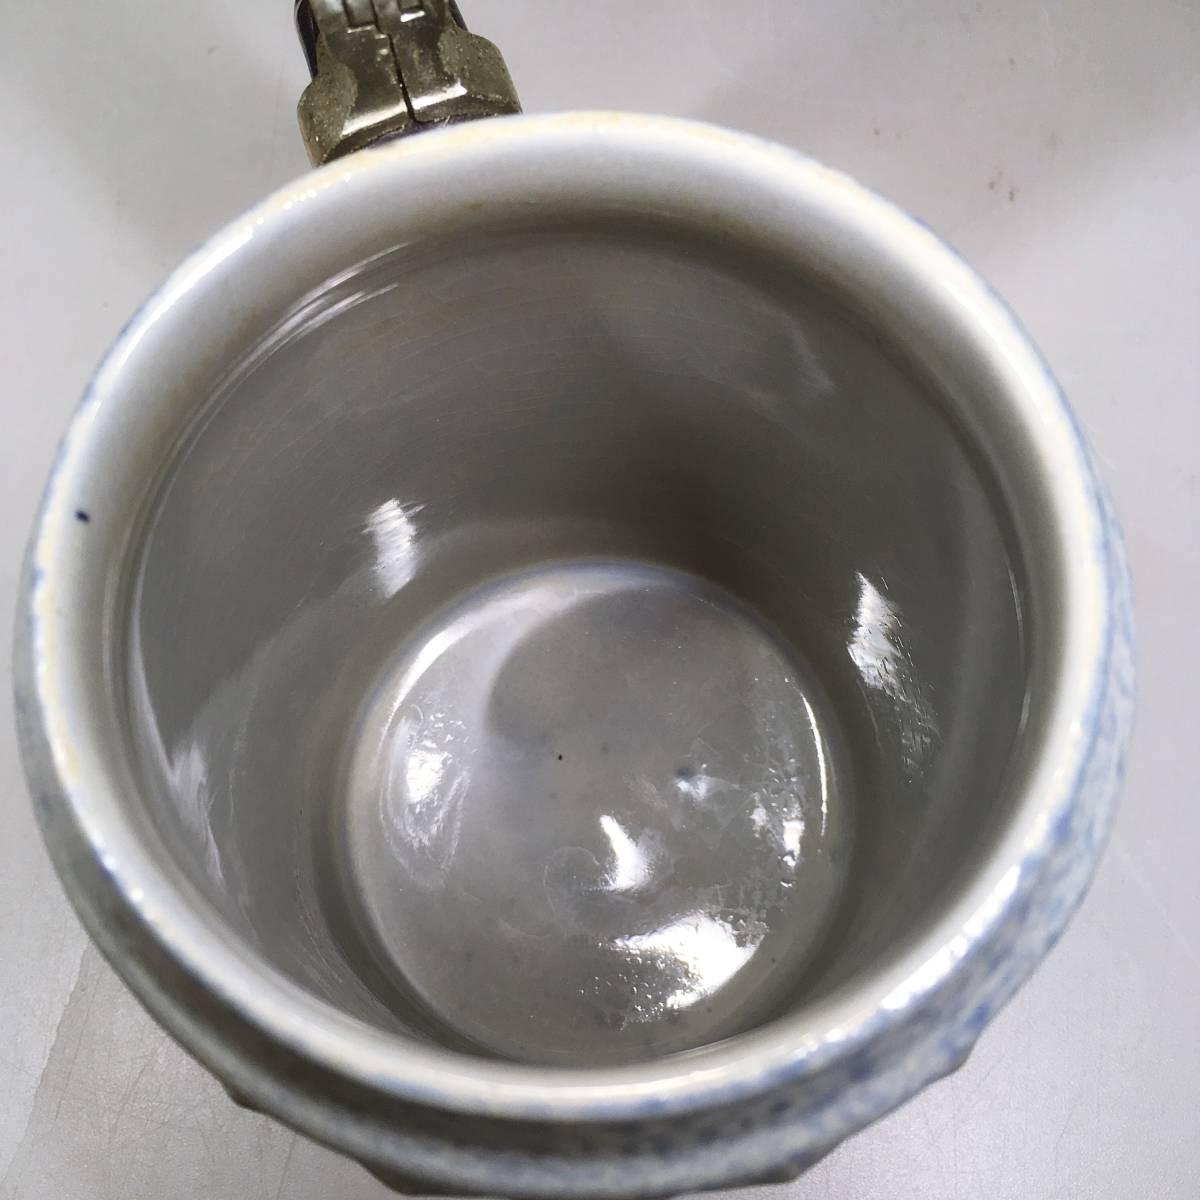 西ドイツ ビールジョッキ ビアグラス 2個セット 彫刻 ドイツスタイル 陶器製 グラス 蓋付 酒器_画像8